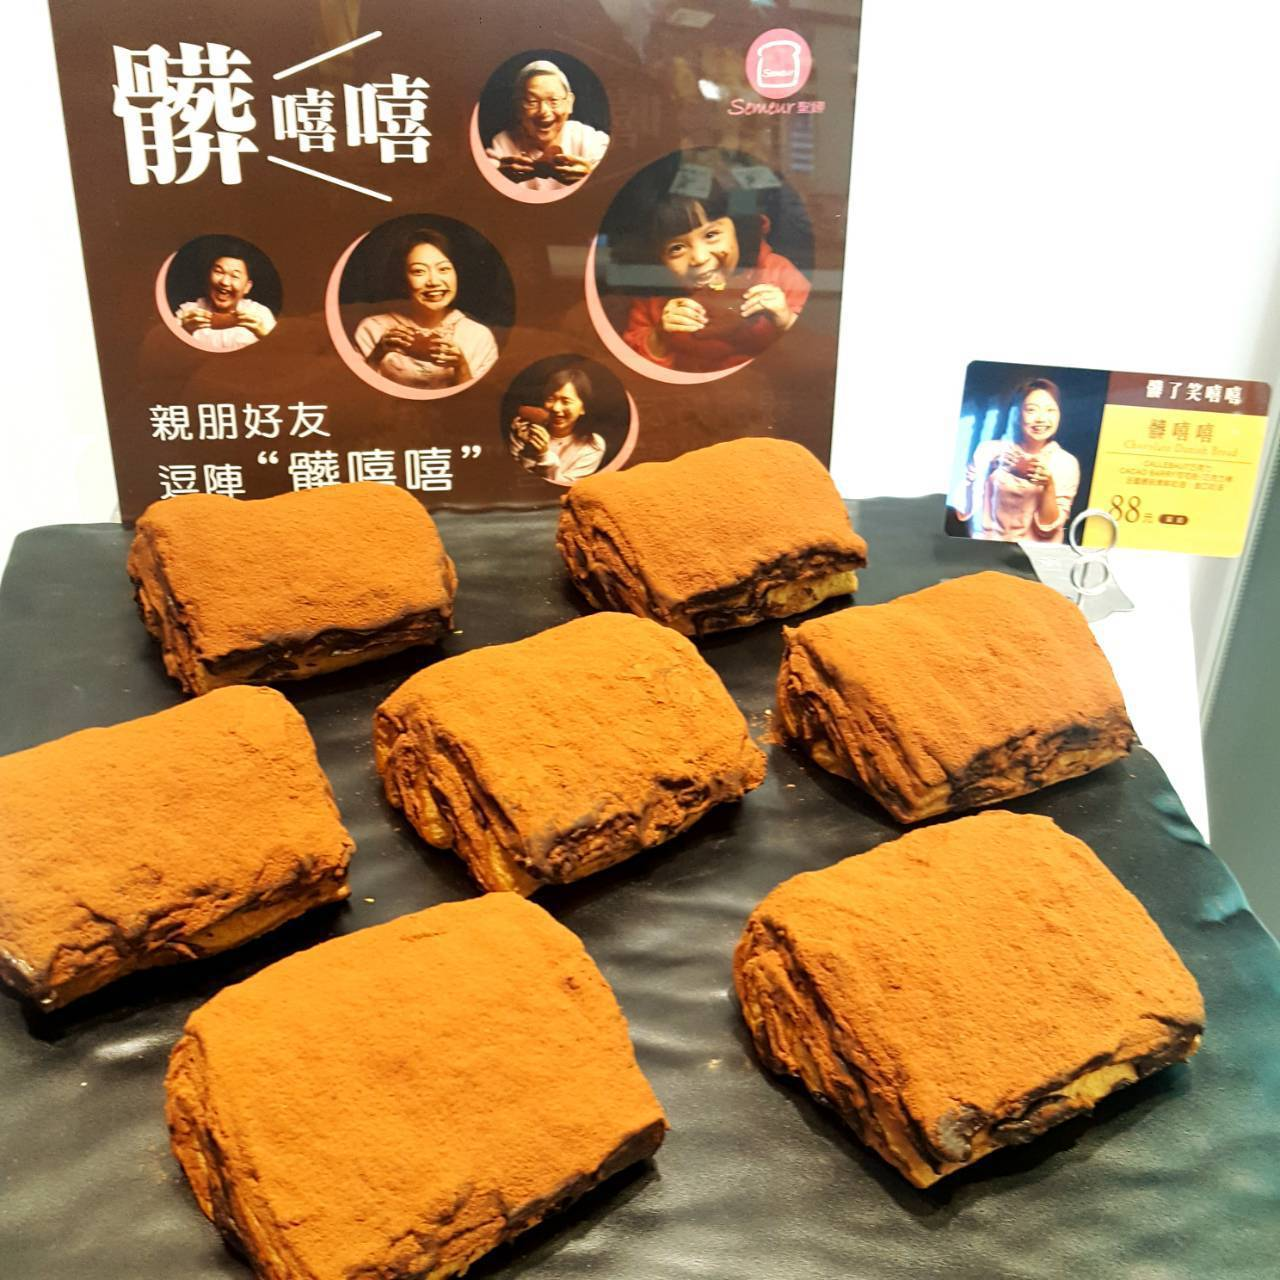 Semeur聖娜烘焙坊今年2月即推出「髒嘻嘻」,至今已賣出逾3萬個。圖/Seme...